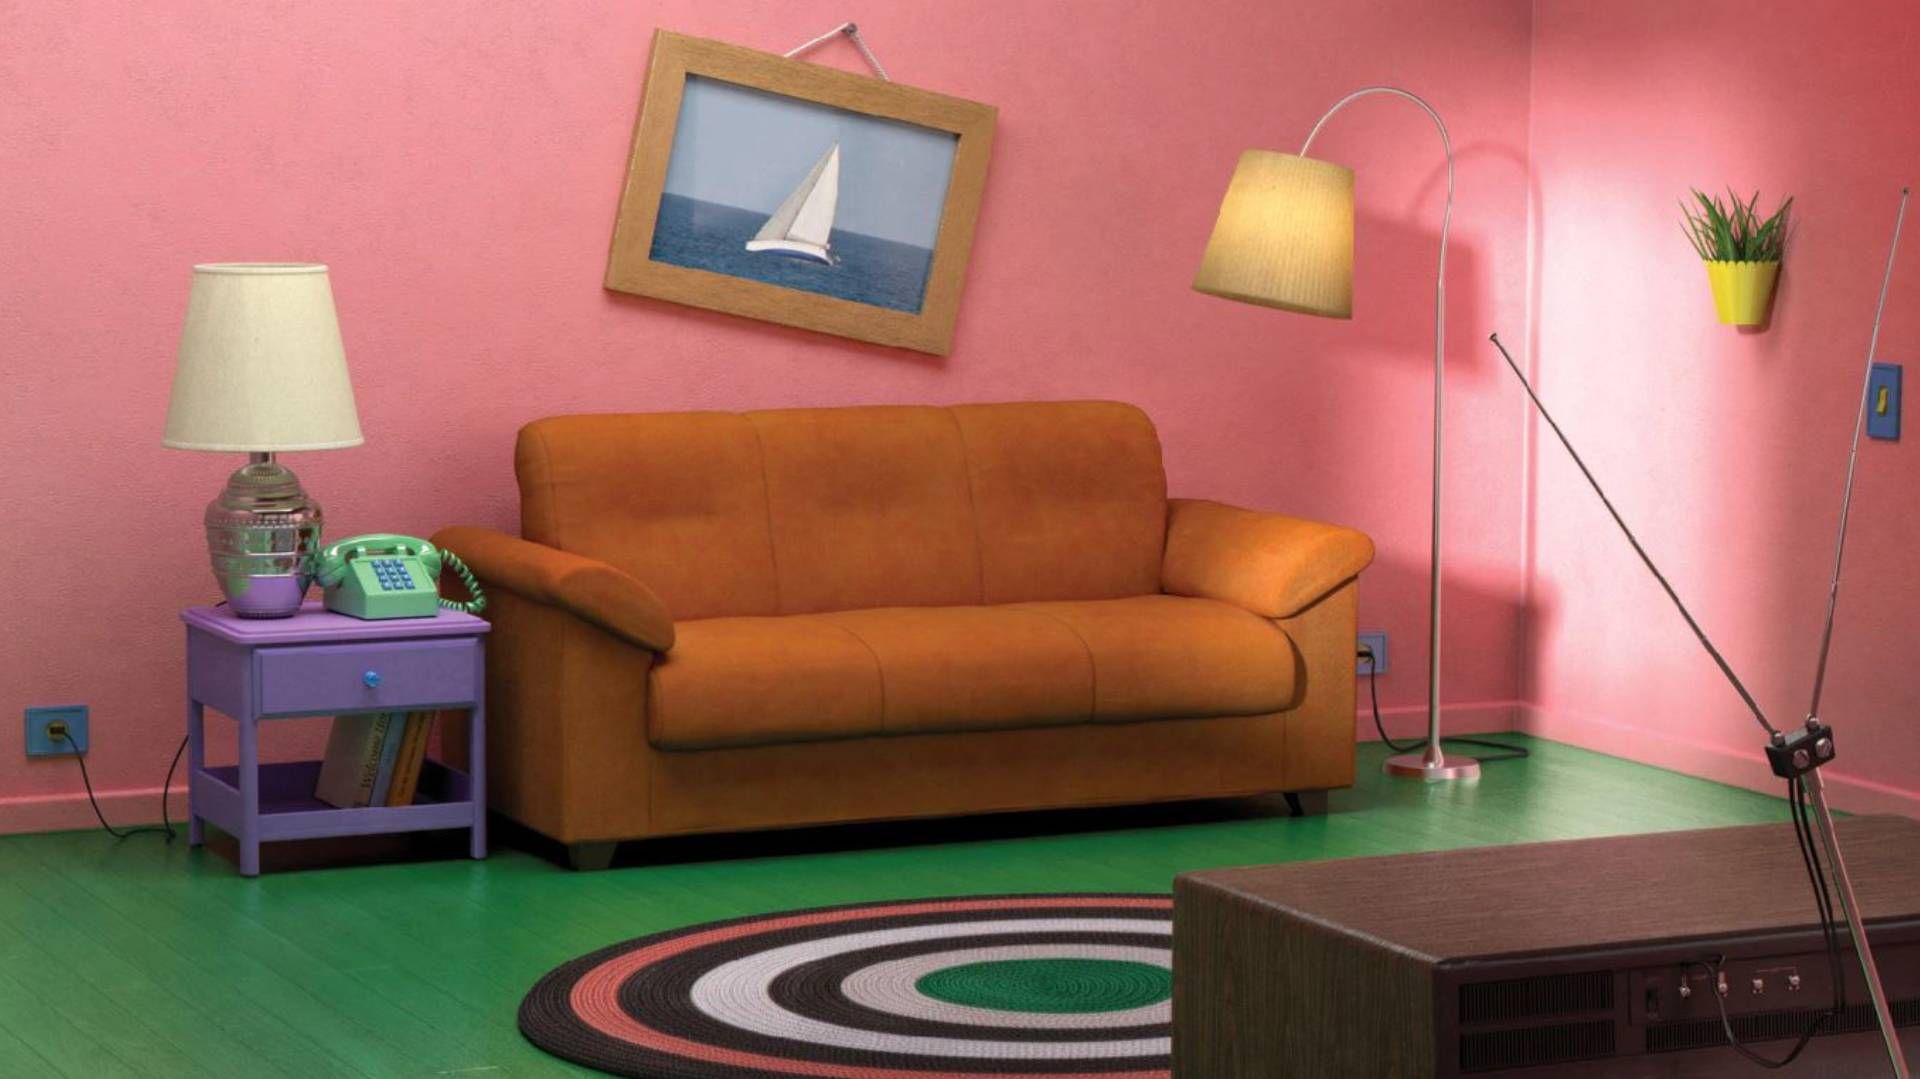 La sala de Los Simpson podría replicarse en tu hogar (Foto: Ikea)